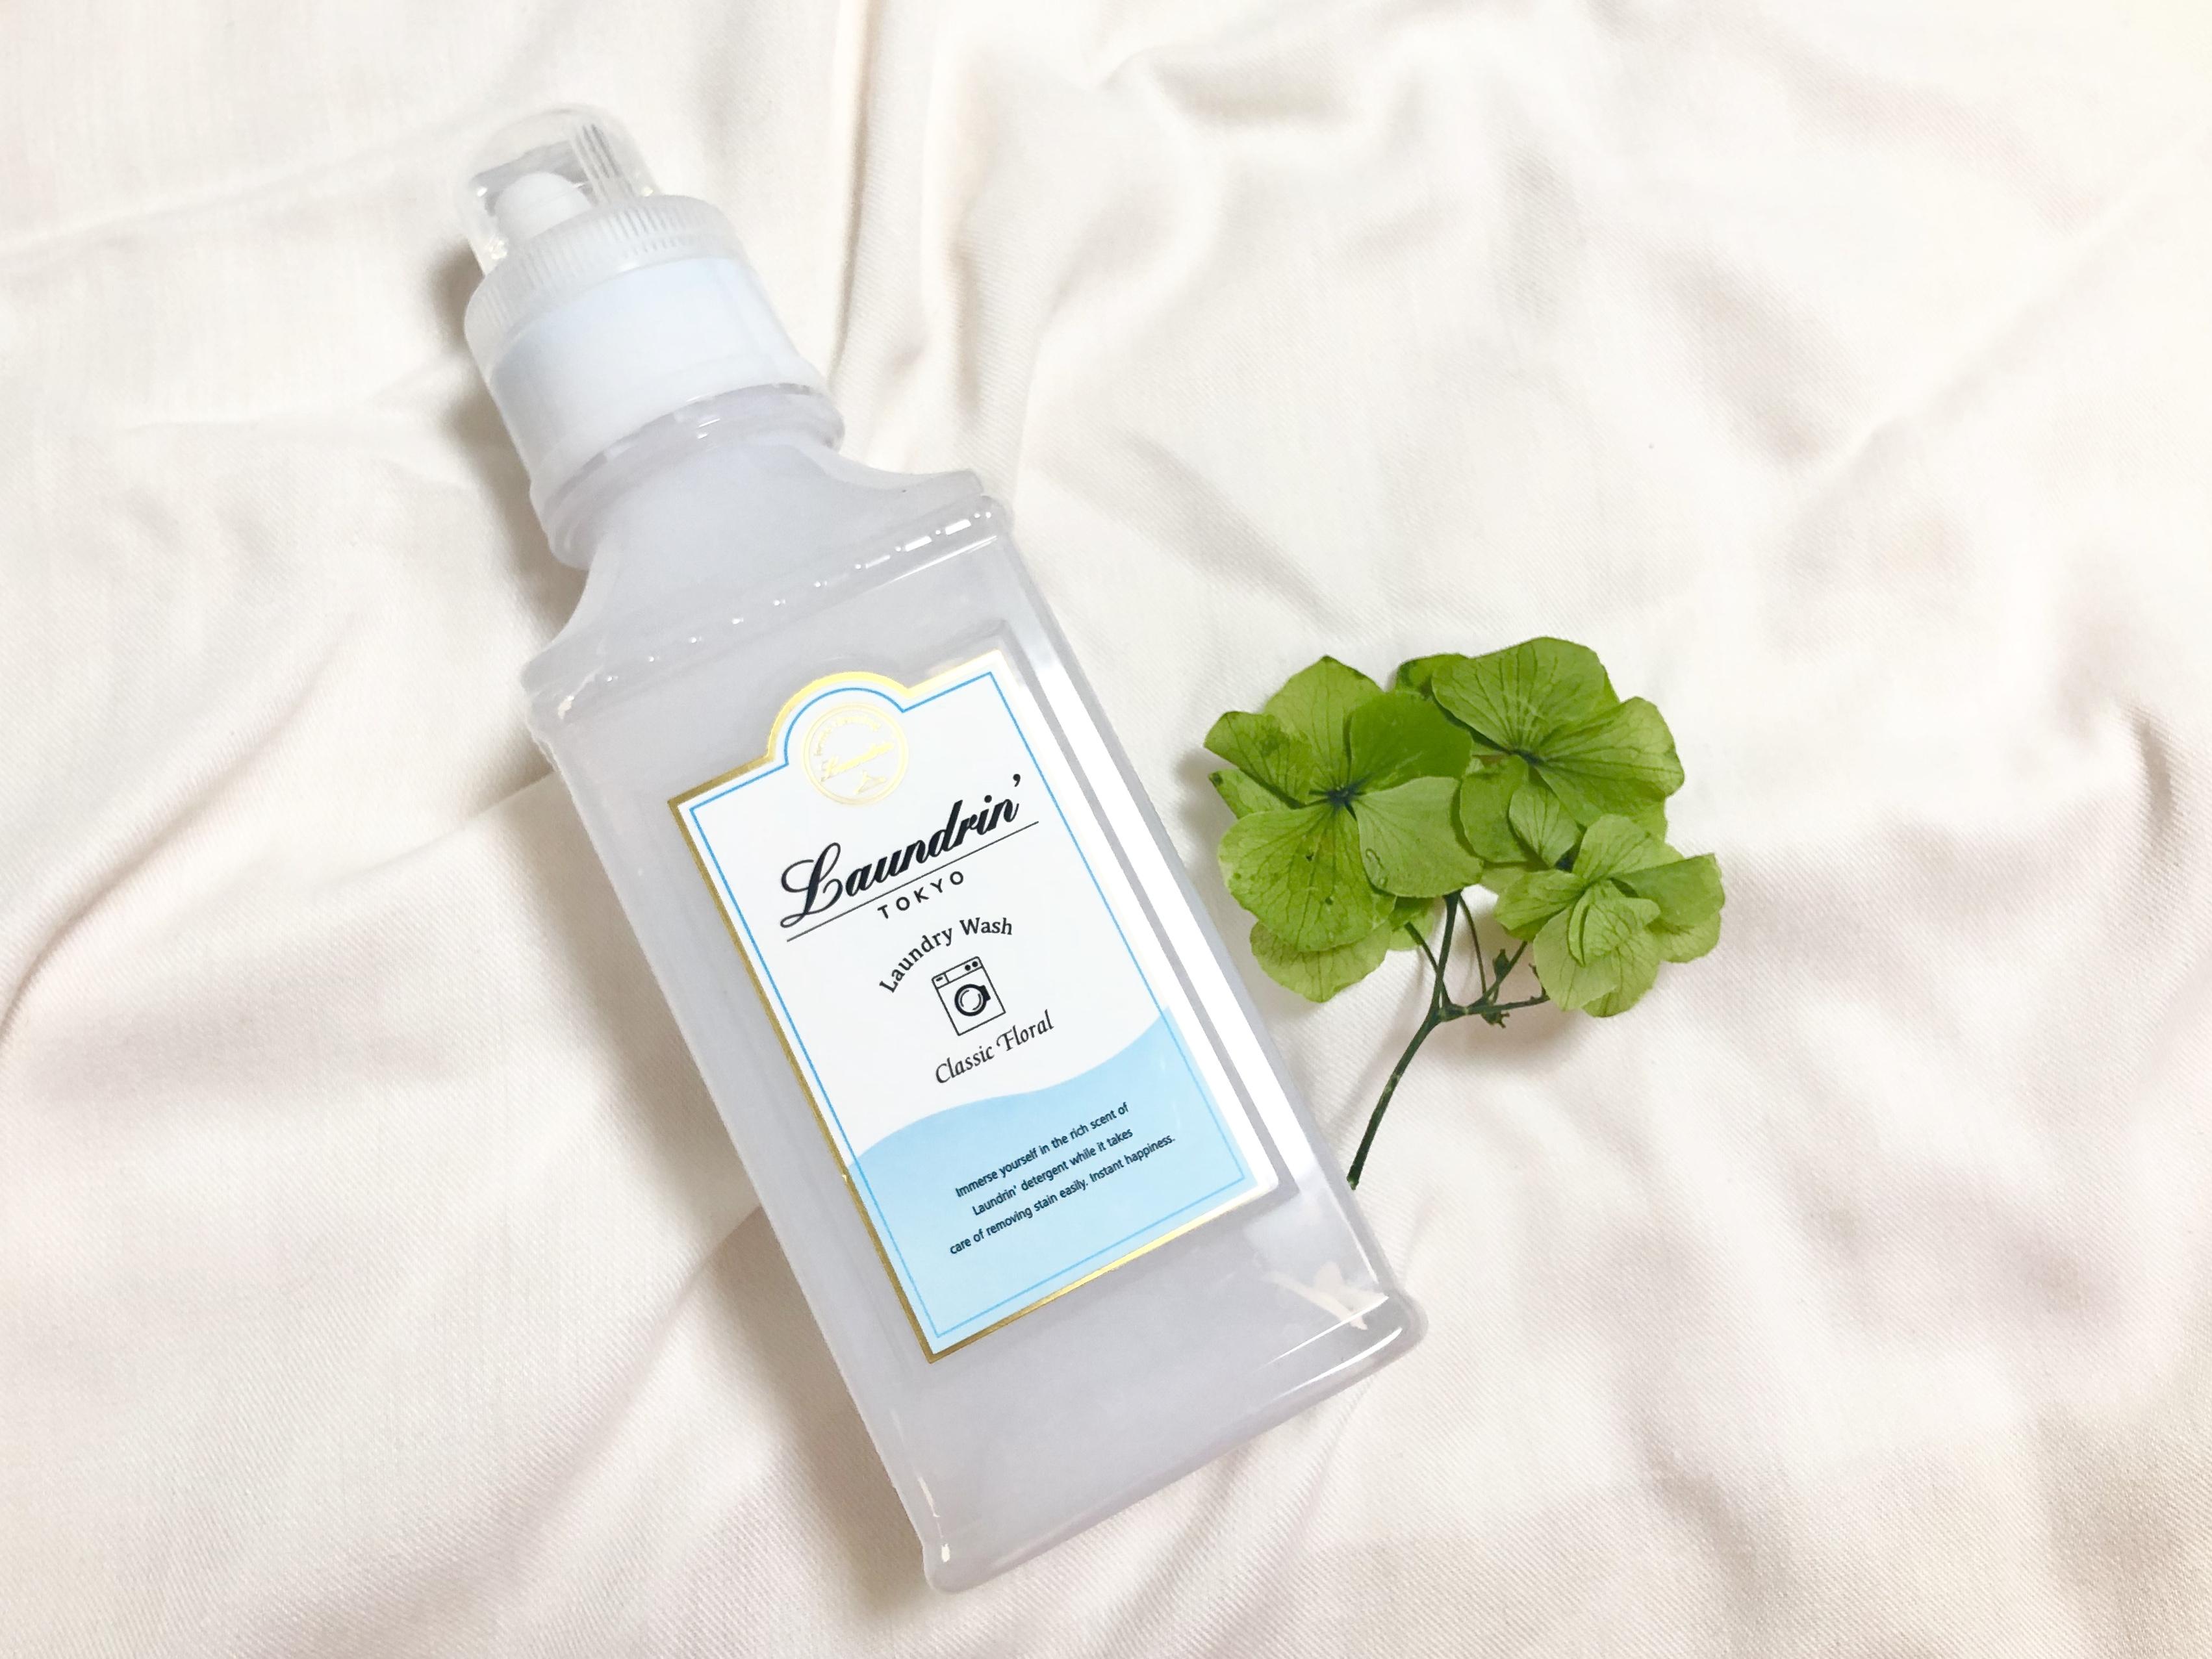 の 剤 柔軟 香り 良い 敏感肌でも使えるおすすめ柔軟剤ランキング!口コミで人気はどれ?│LoveLifeStyle